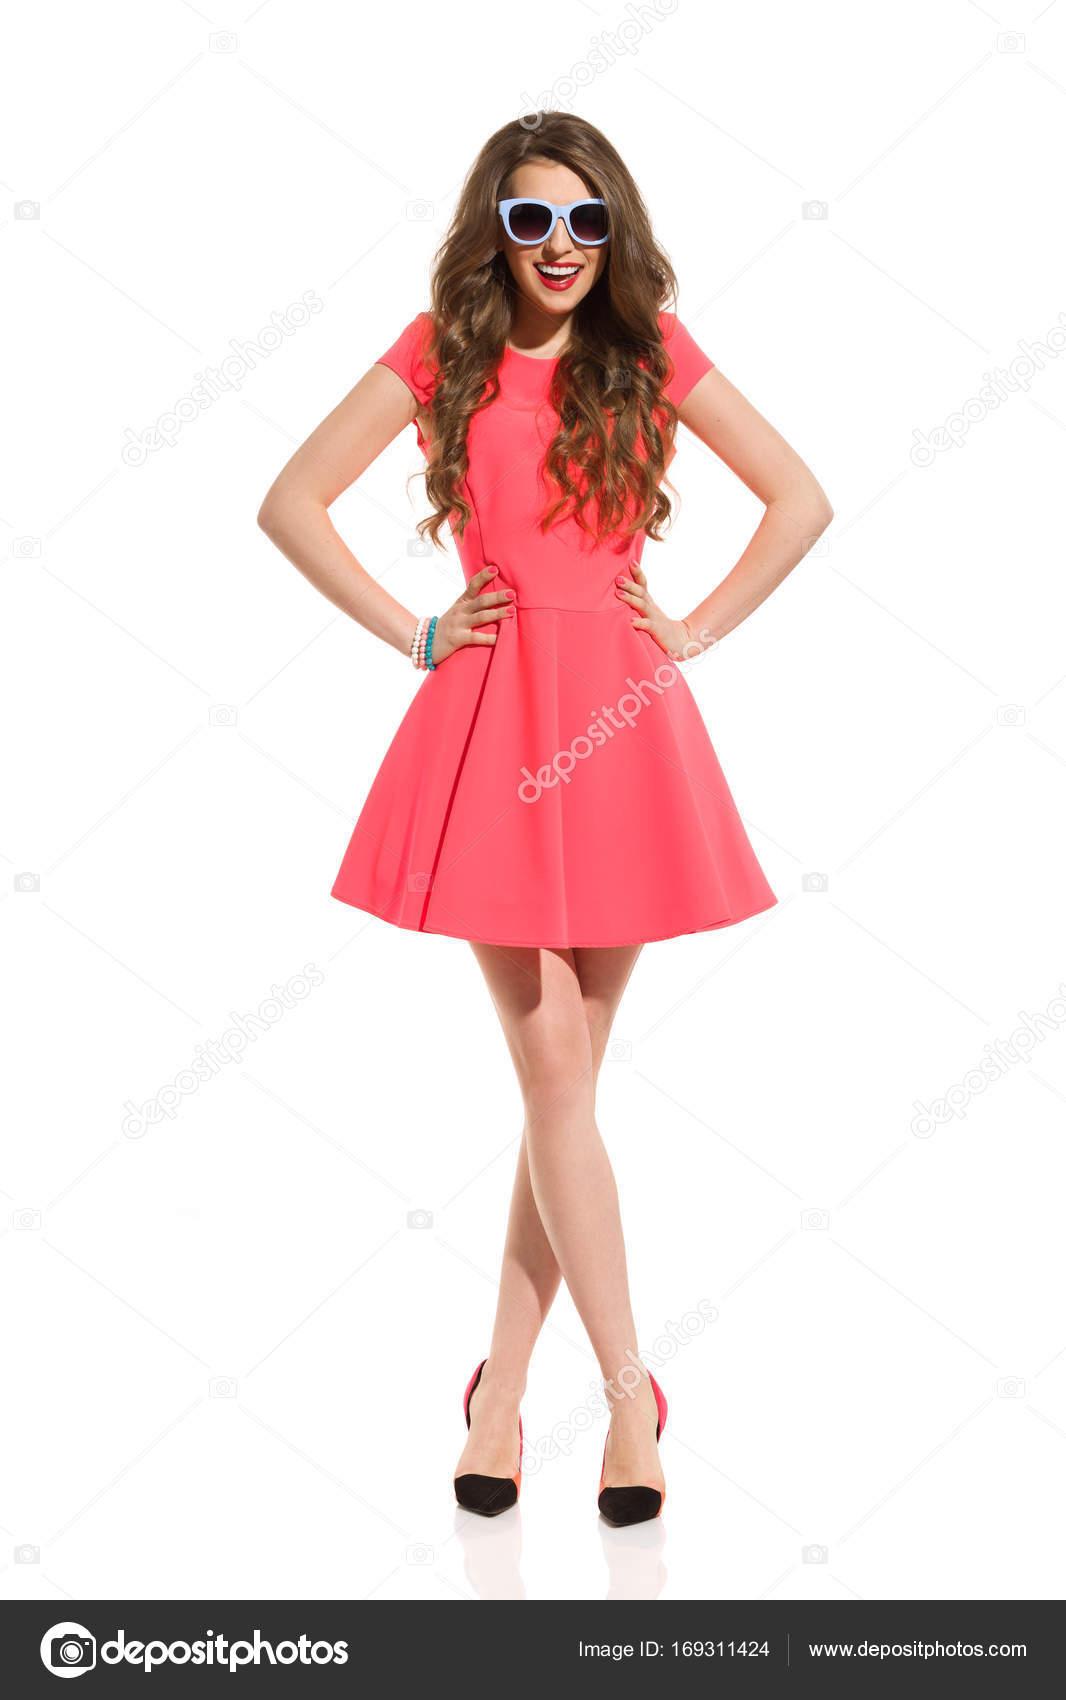 6da4b642ea78 Usmívající se žena v růžové Mini šaty a sluneční brýle — Stock ...